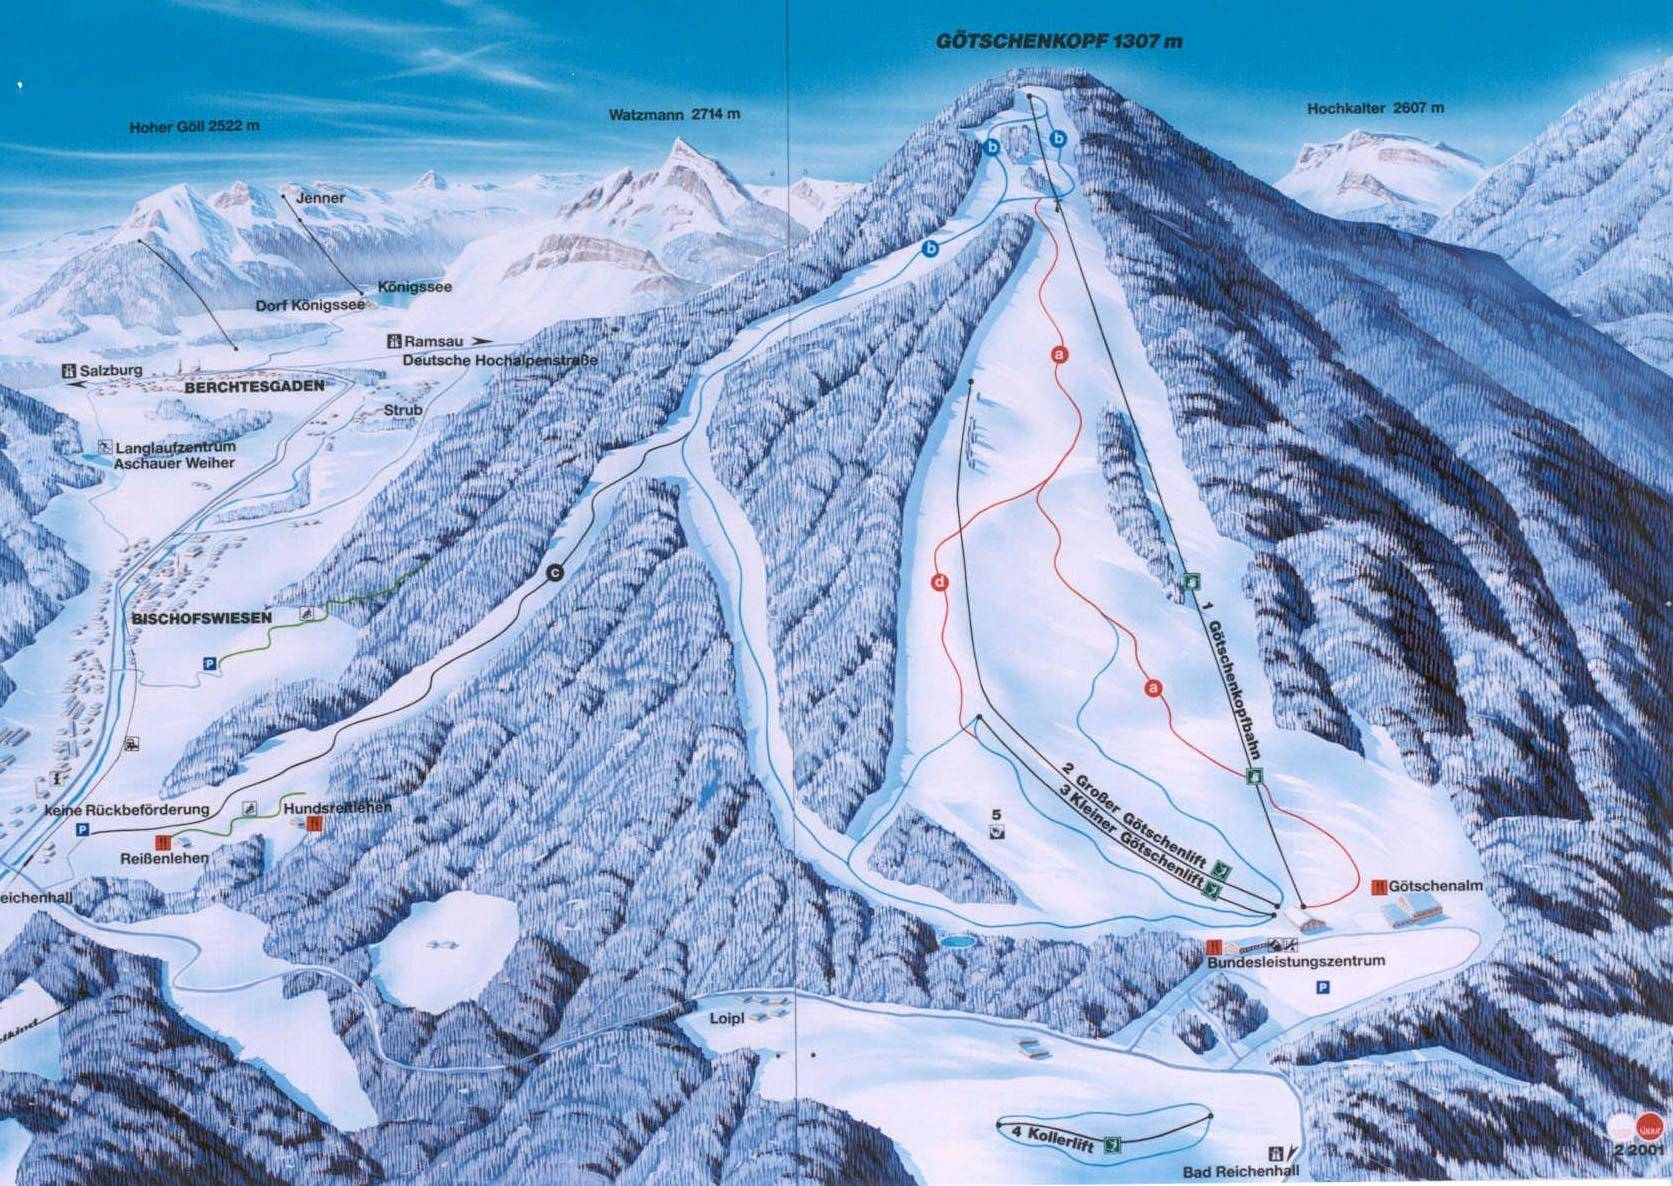 Горнолыжные курорты германии в альпах для продвинутых и начинающих лыжников – так удобно! traveltu.ru